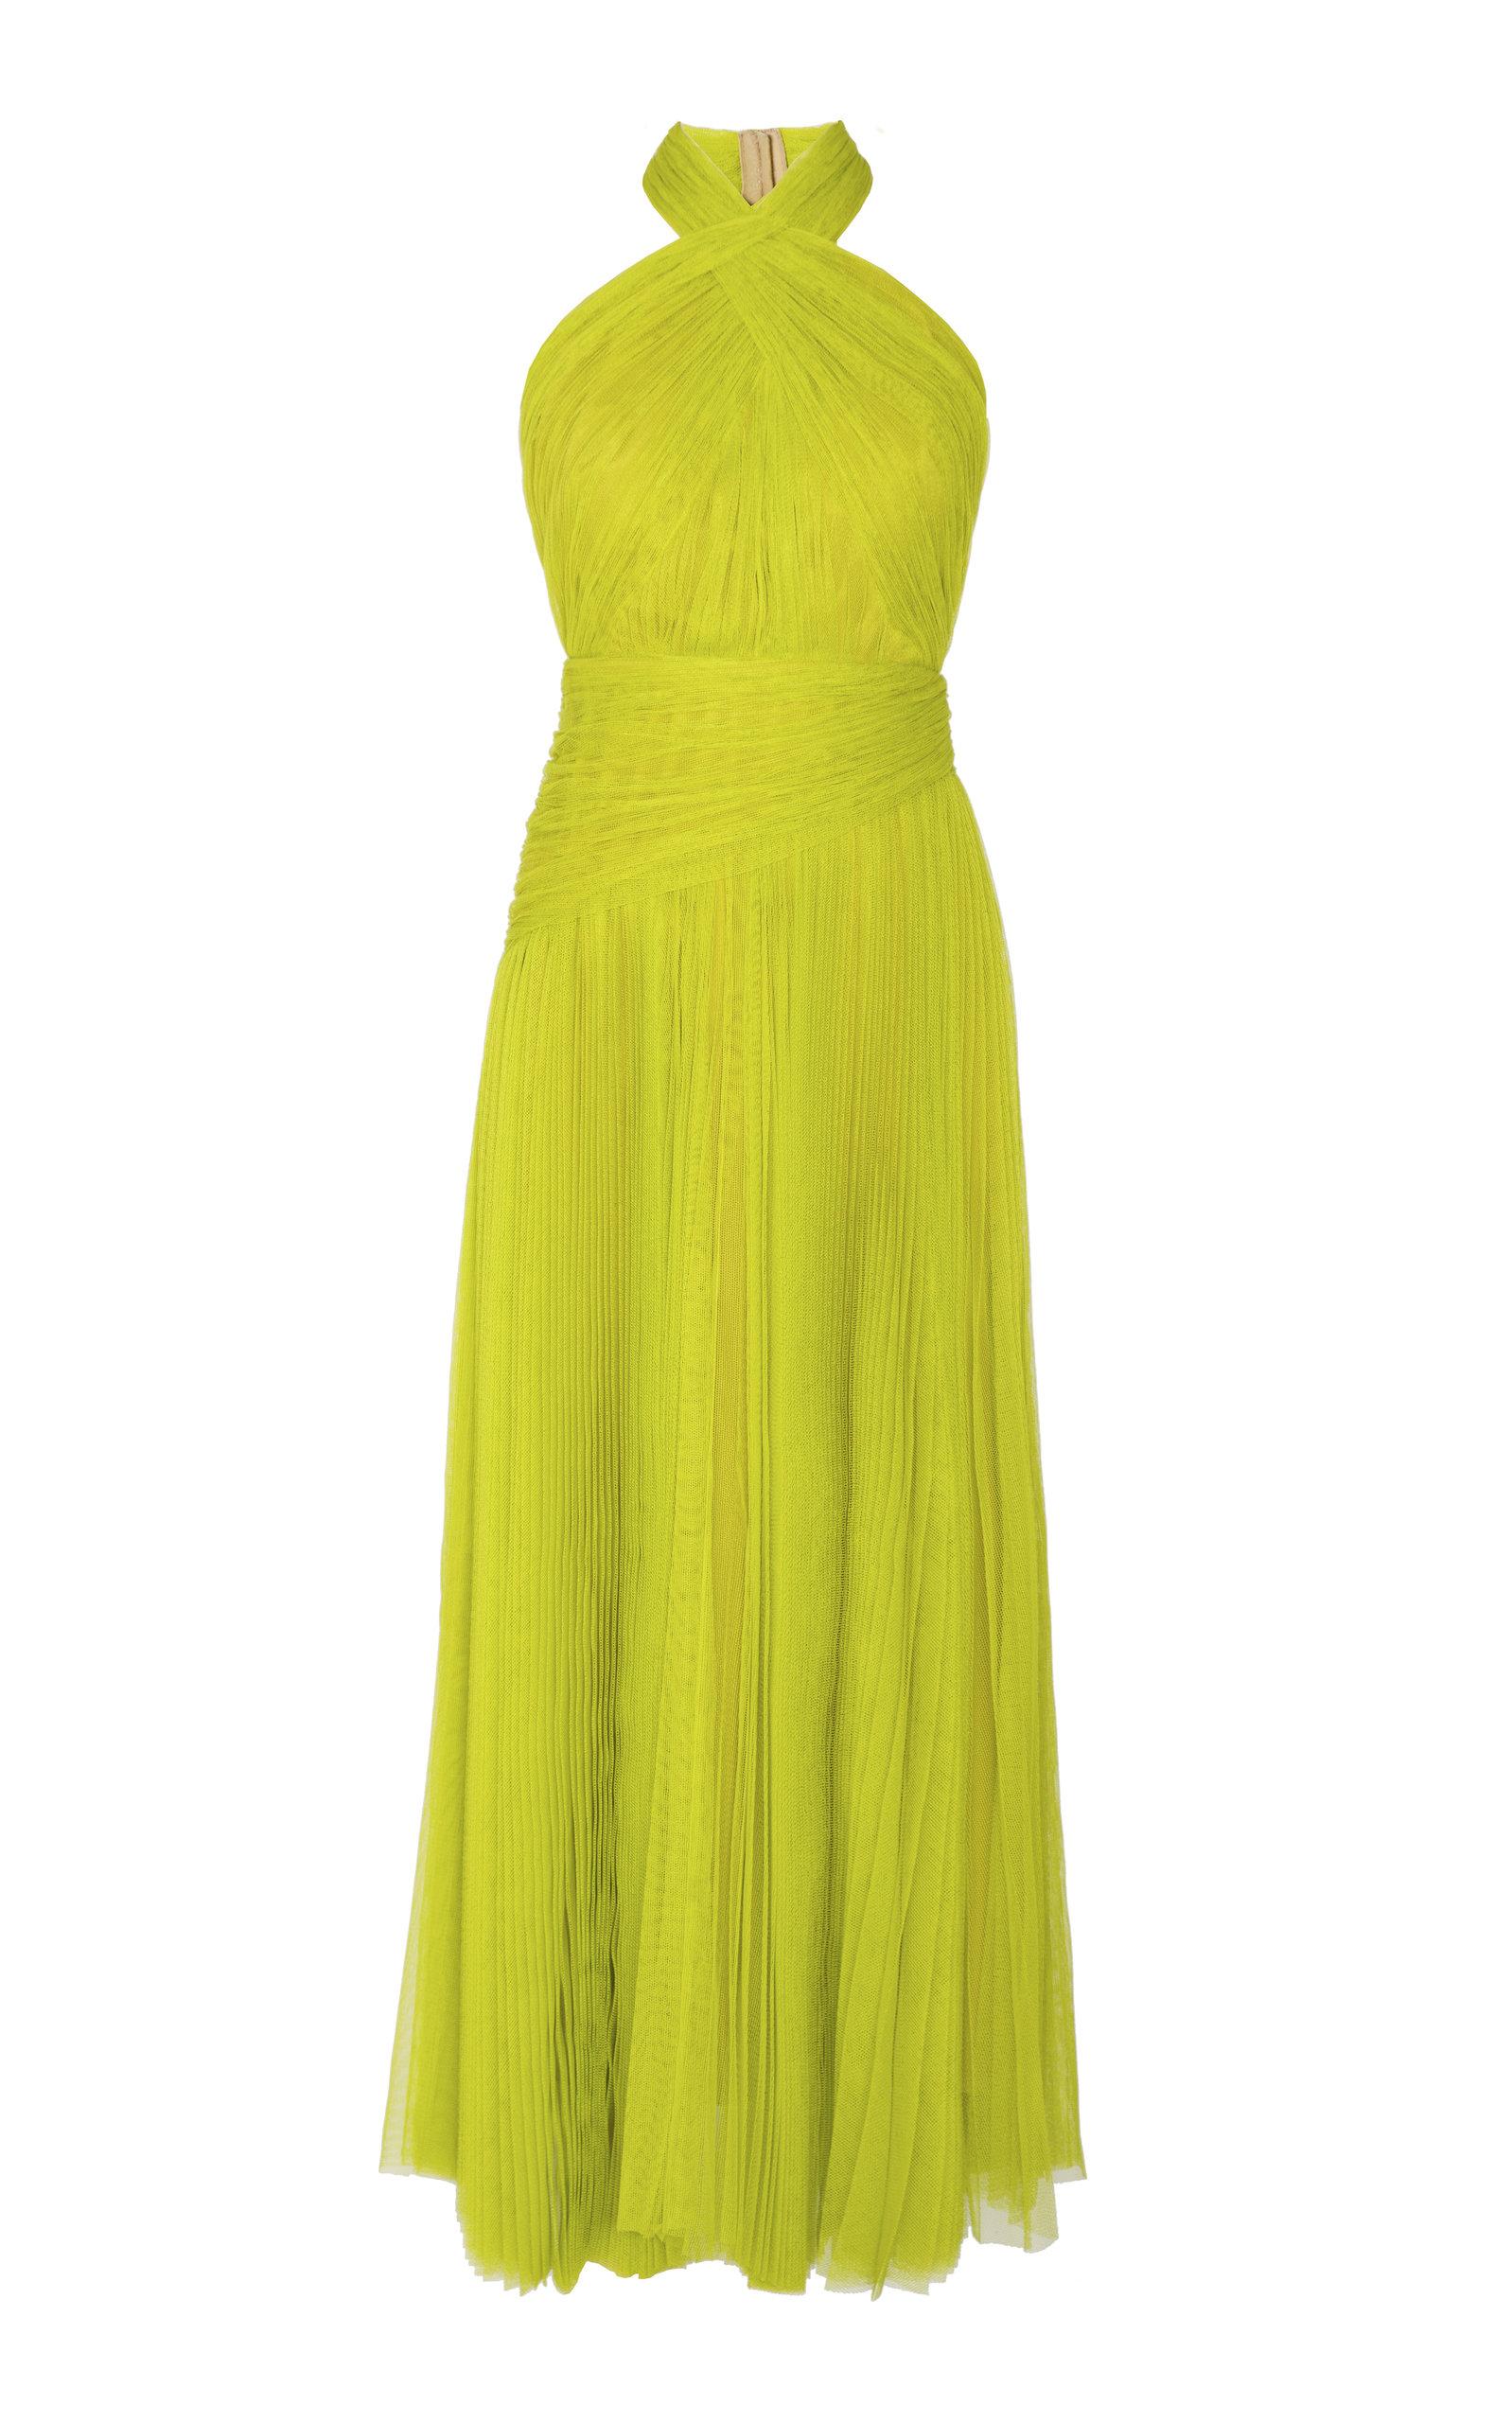 a5e034f39c48 Maria Lucia HohanNina Pleated Tulle Dress. CLOSE. Loading